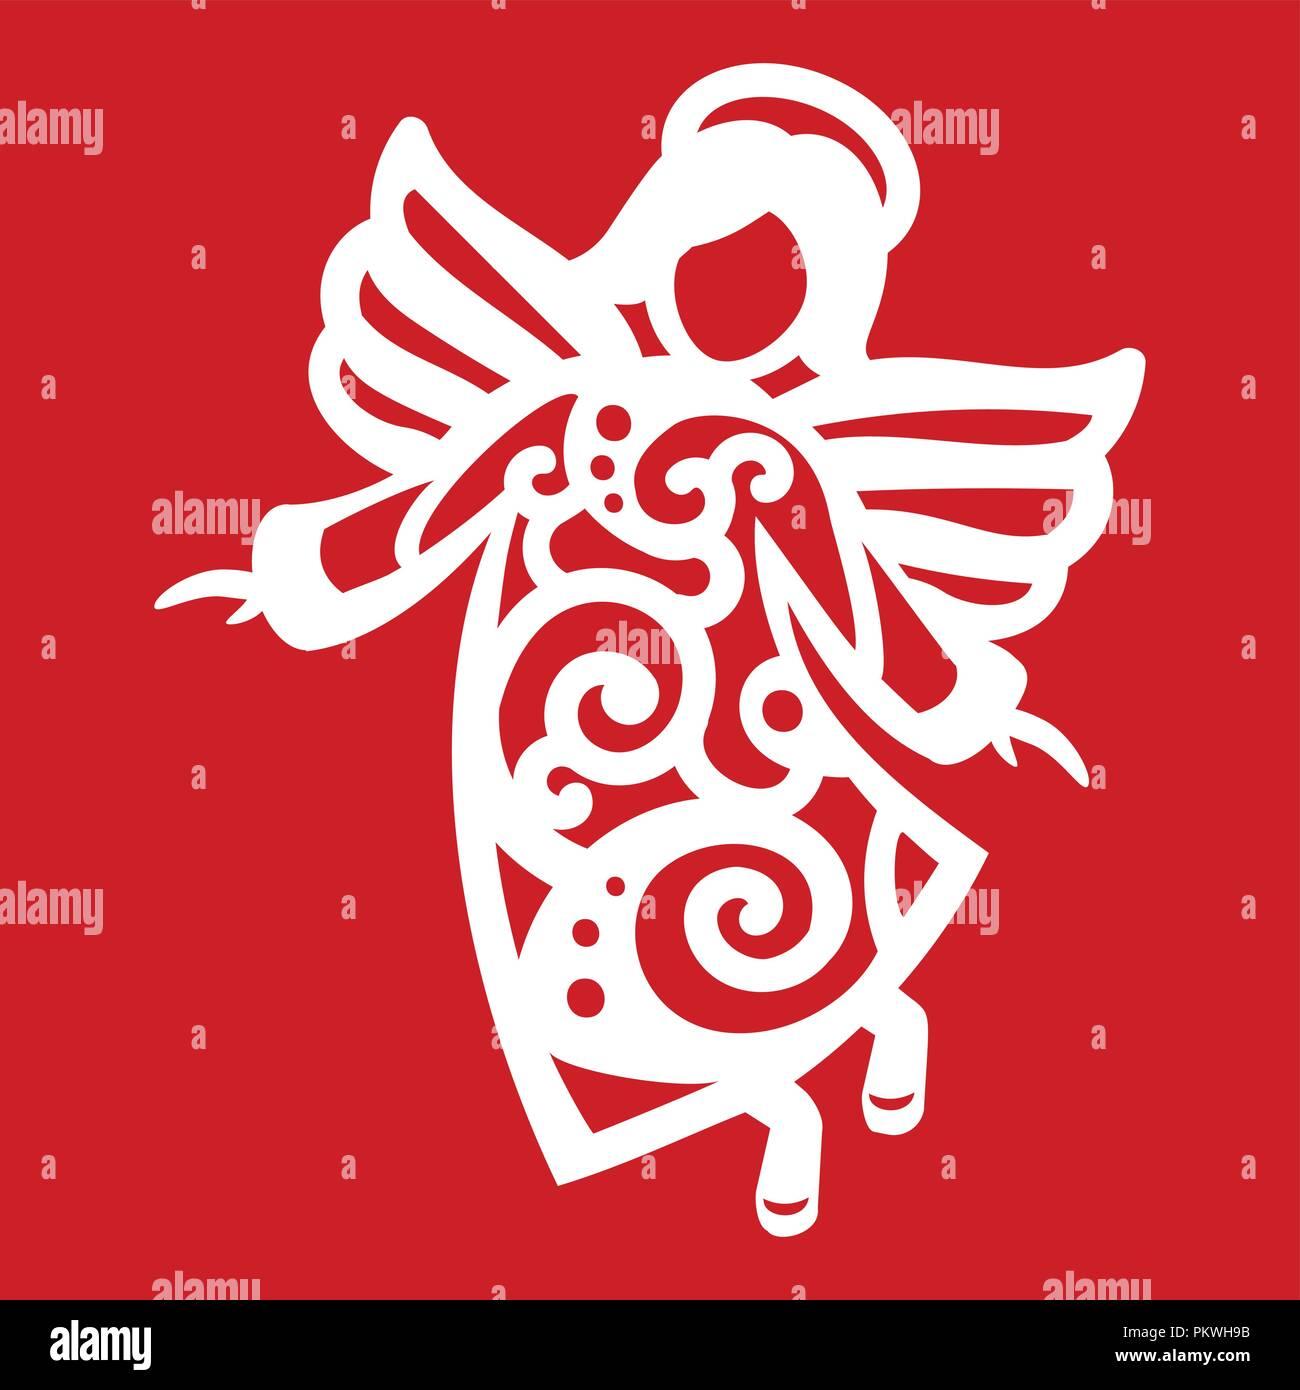 Christmas Angel Drawing Stock Photos & Christmas Angel Drawing Stock ...